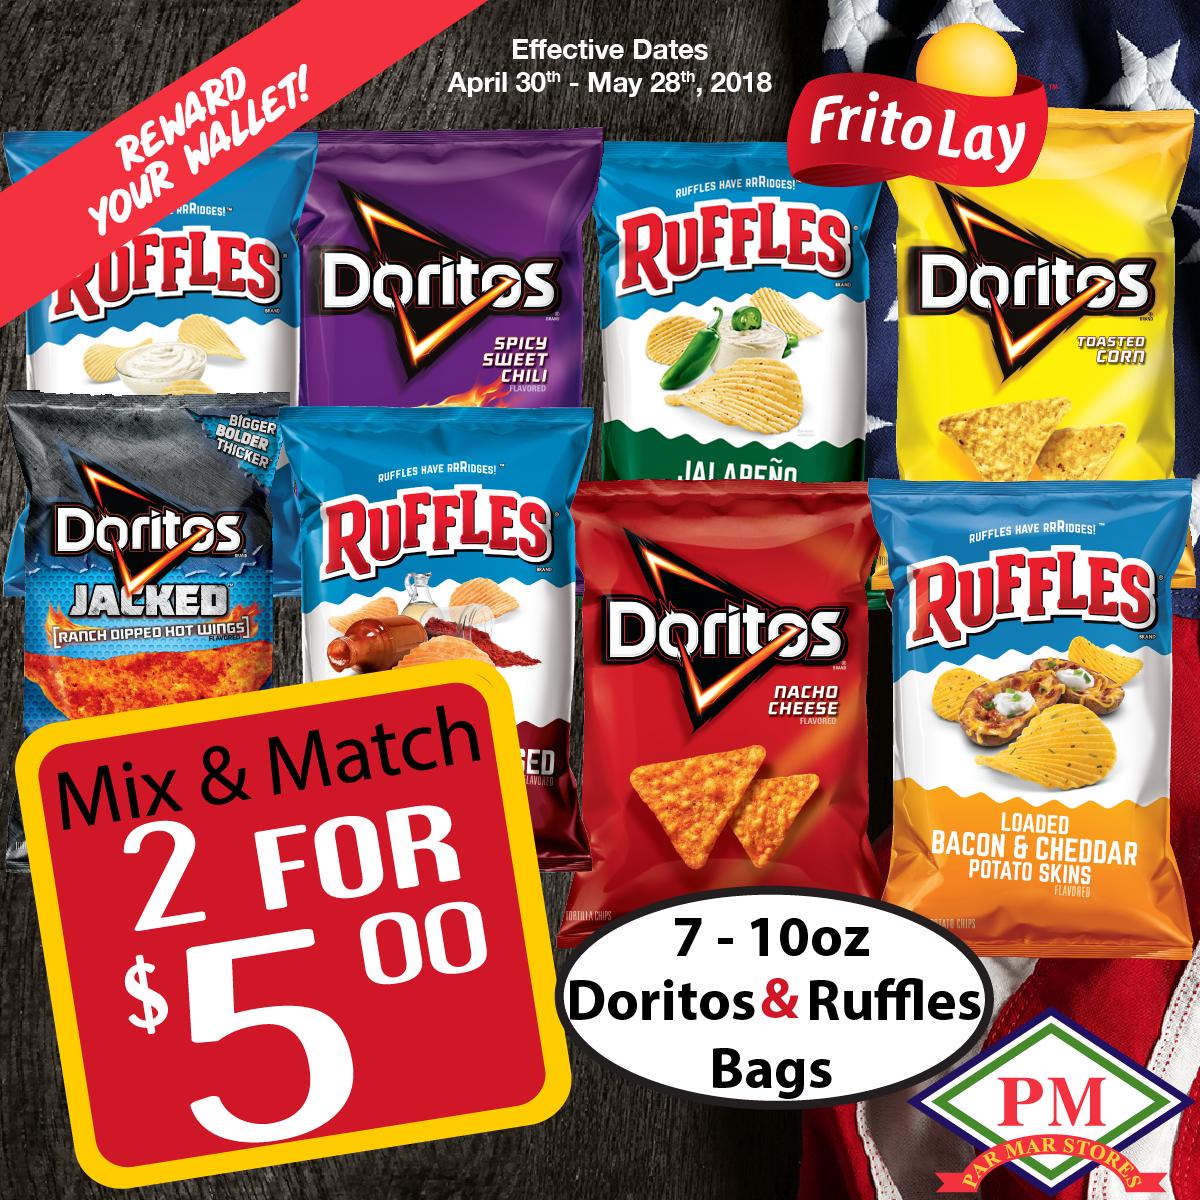 Dorito Ruffle3_Doritos Promo